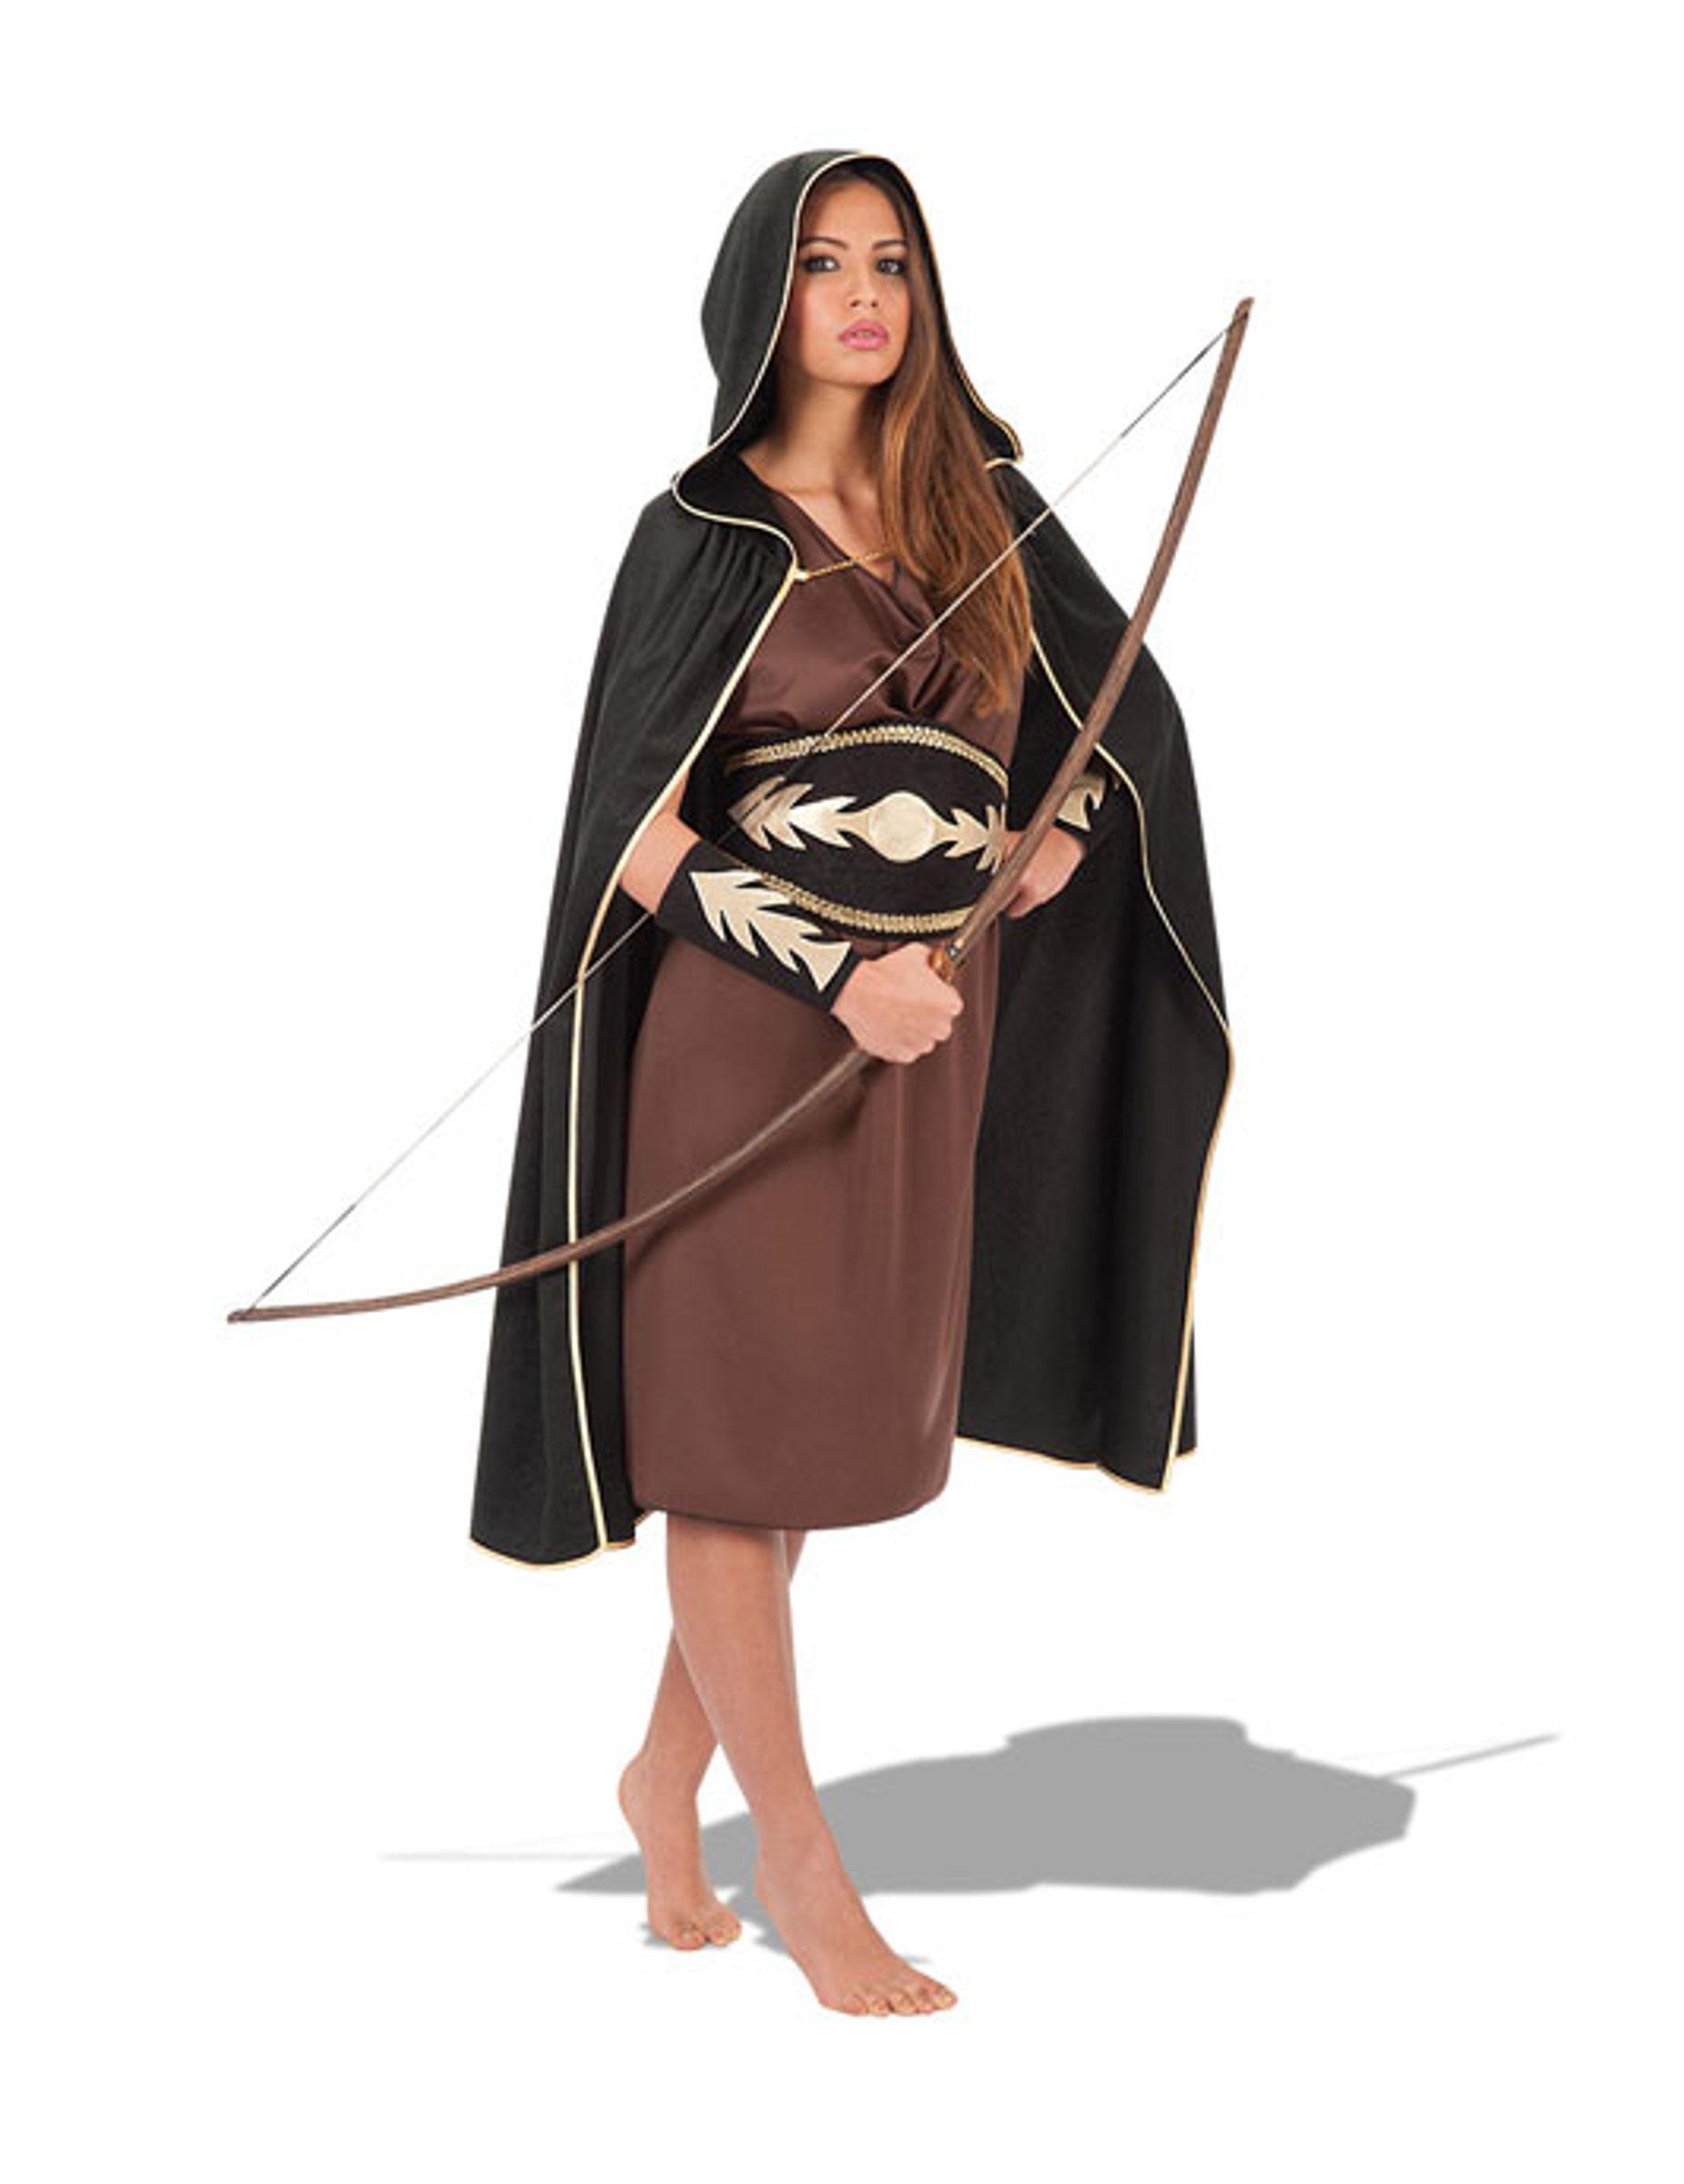 Kostum Jagerin Fur Damen Gunstige Faschings Kostume Bei Karneval